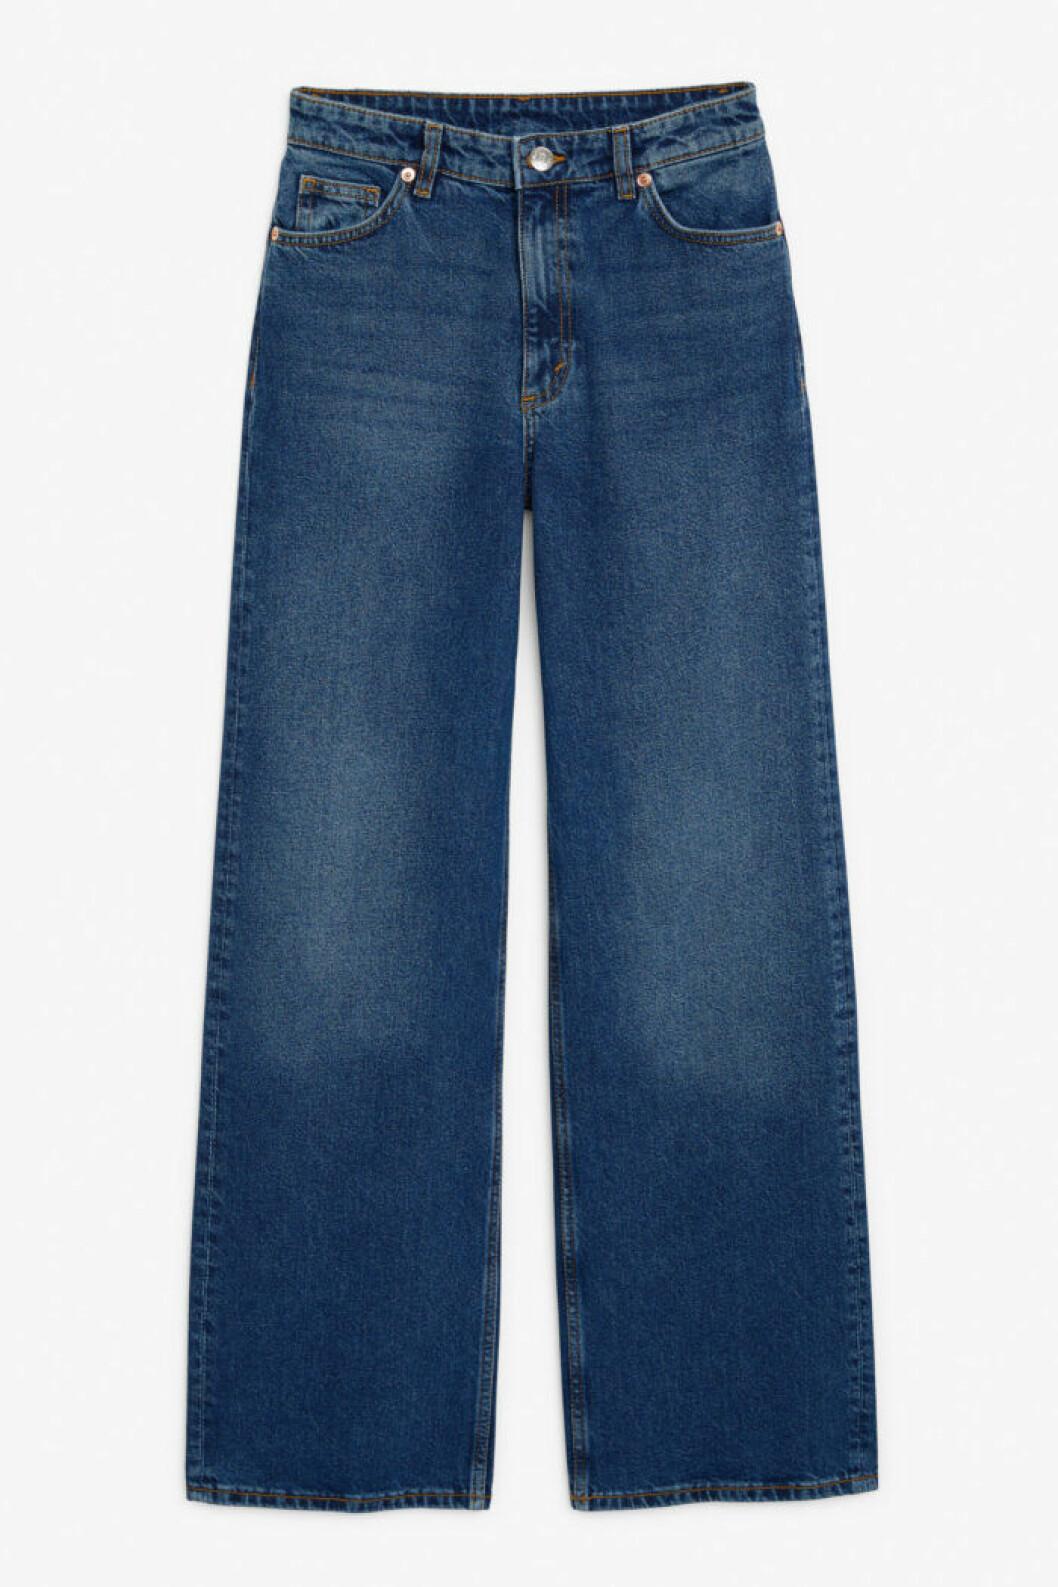 Jeans från Monki